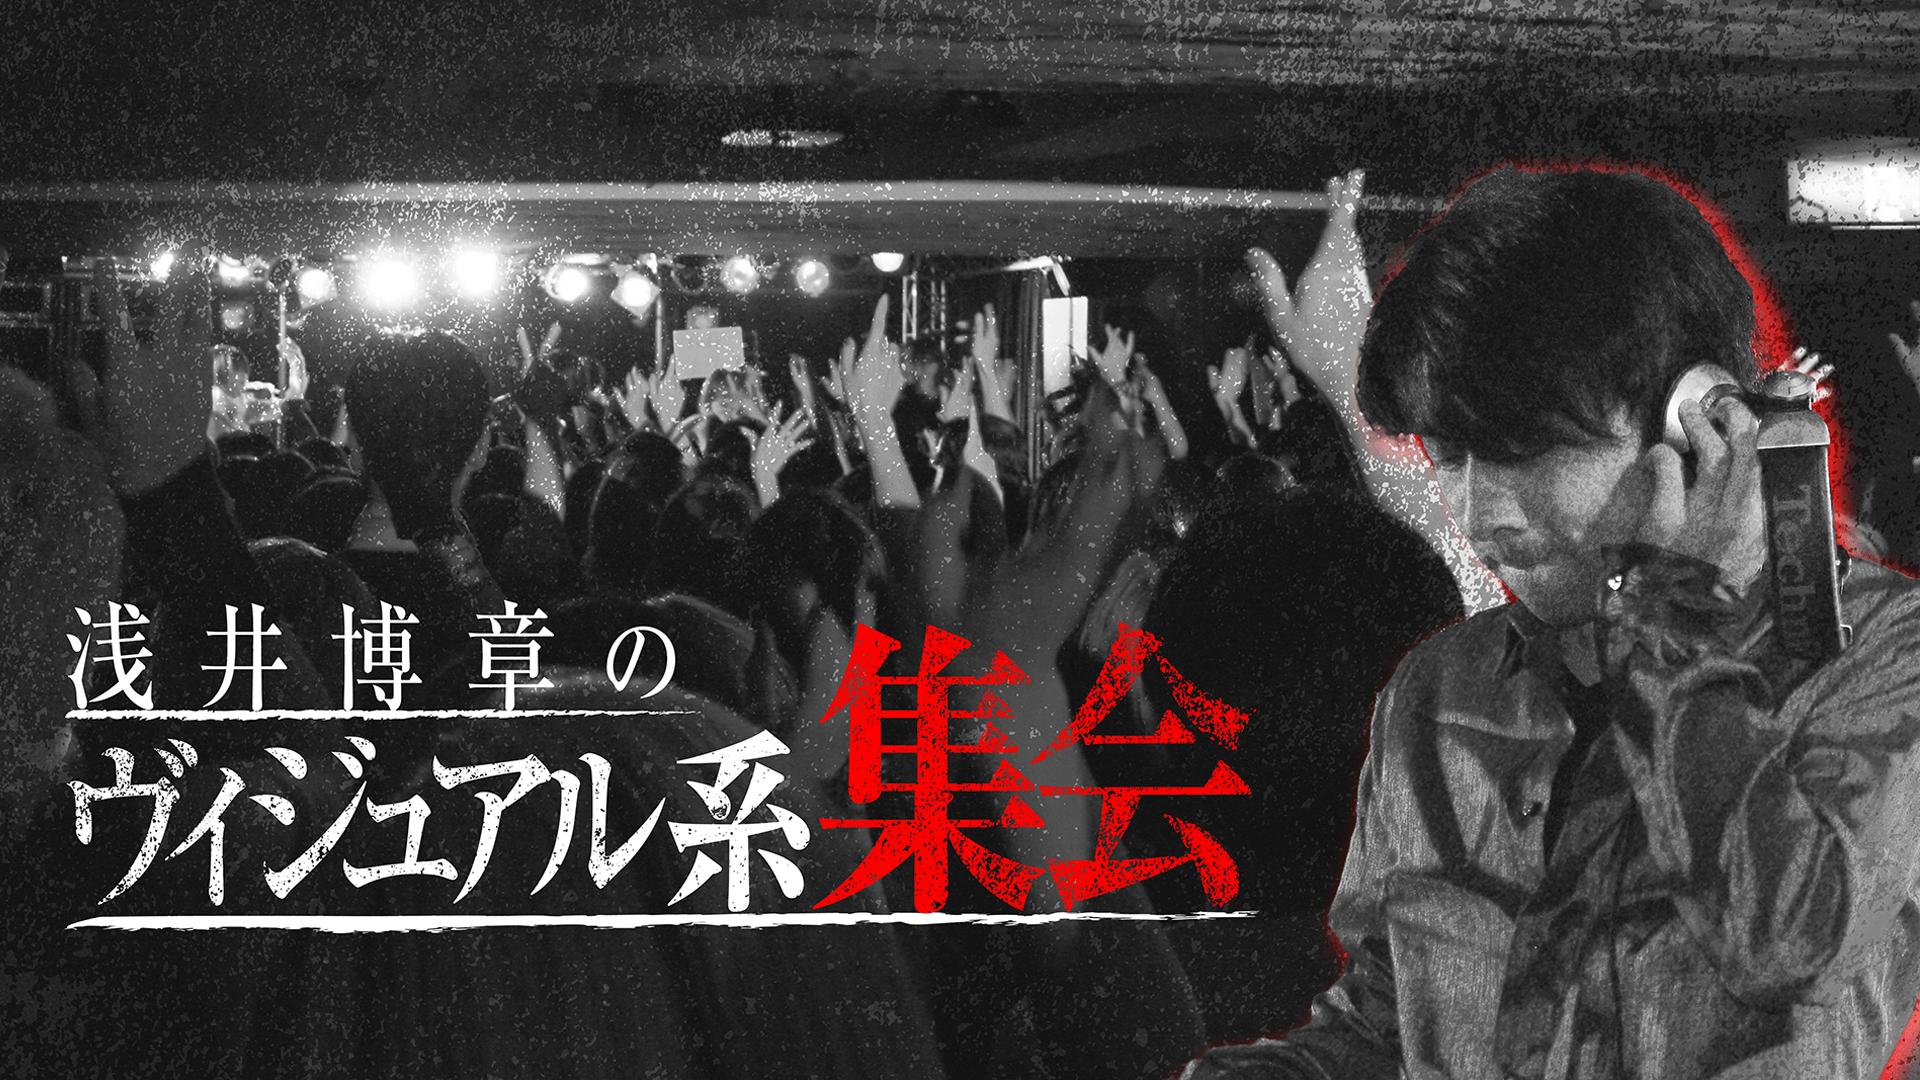 浅井博章 - 浅井博章のヴィジュアル系集会 - DMM オンラインサロン